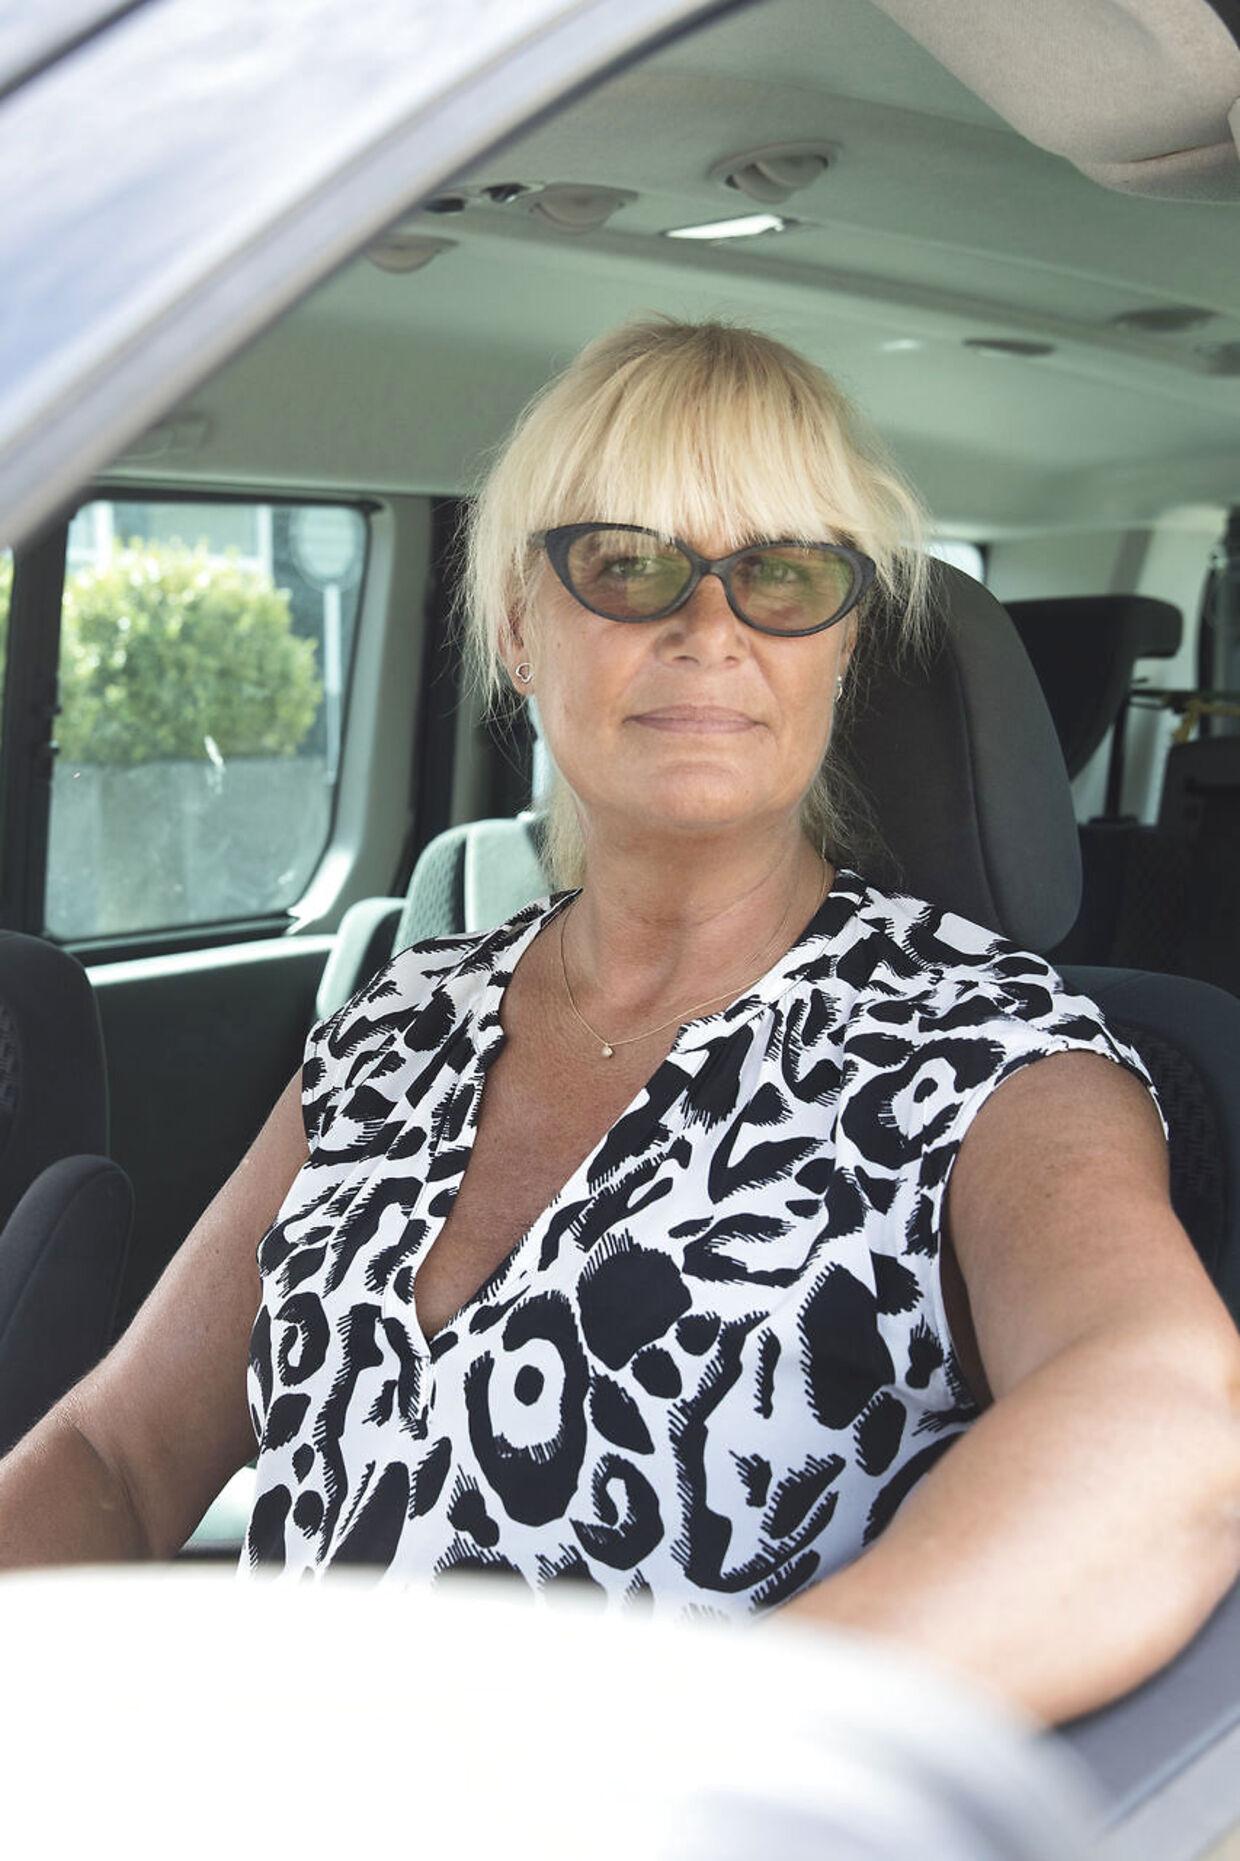 »Jeg var rystet, da jeg fik besked fra politiet om, at de vil afslå at forny mit kørekort på baggrund af anbefalingen fra Styrelsen for Patientsikkerhed. Og det er jeg stadig, for jeg er 100 procent afhængig af min bil. Jeg har intet gjort forkert,« siger 56-årige Marianne Fridthjof.Foto: Mikkel Berg